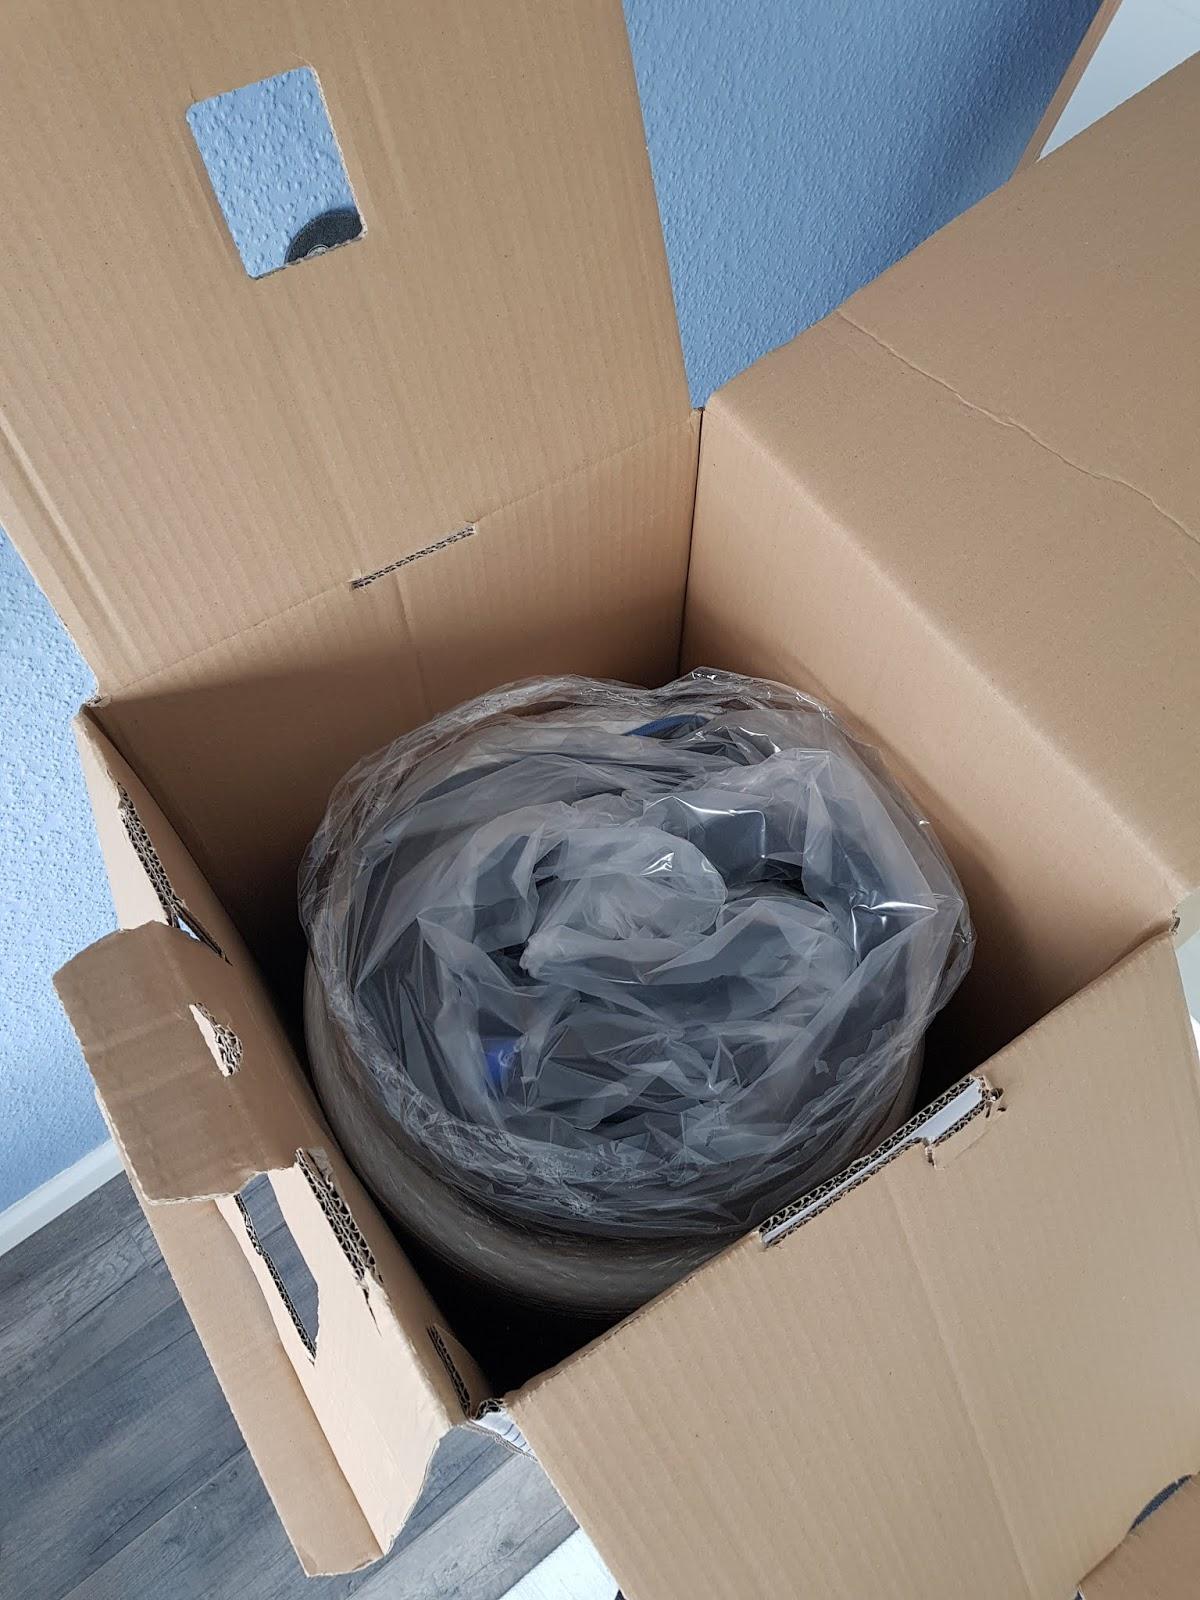 zum lieferumfang geh rt einkleines beigelegtes booklet b chlein in welchem informationen zur. Black Bedroom Furniture Sets. Home Design Ideas